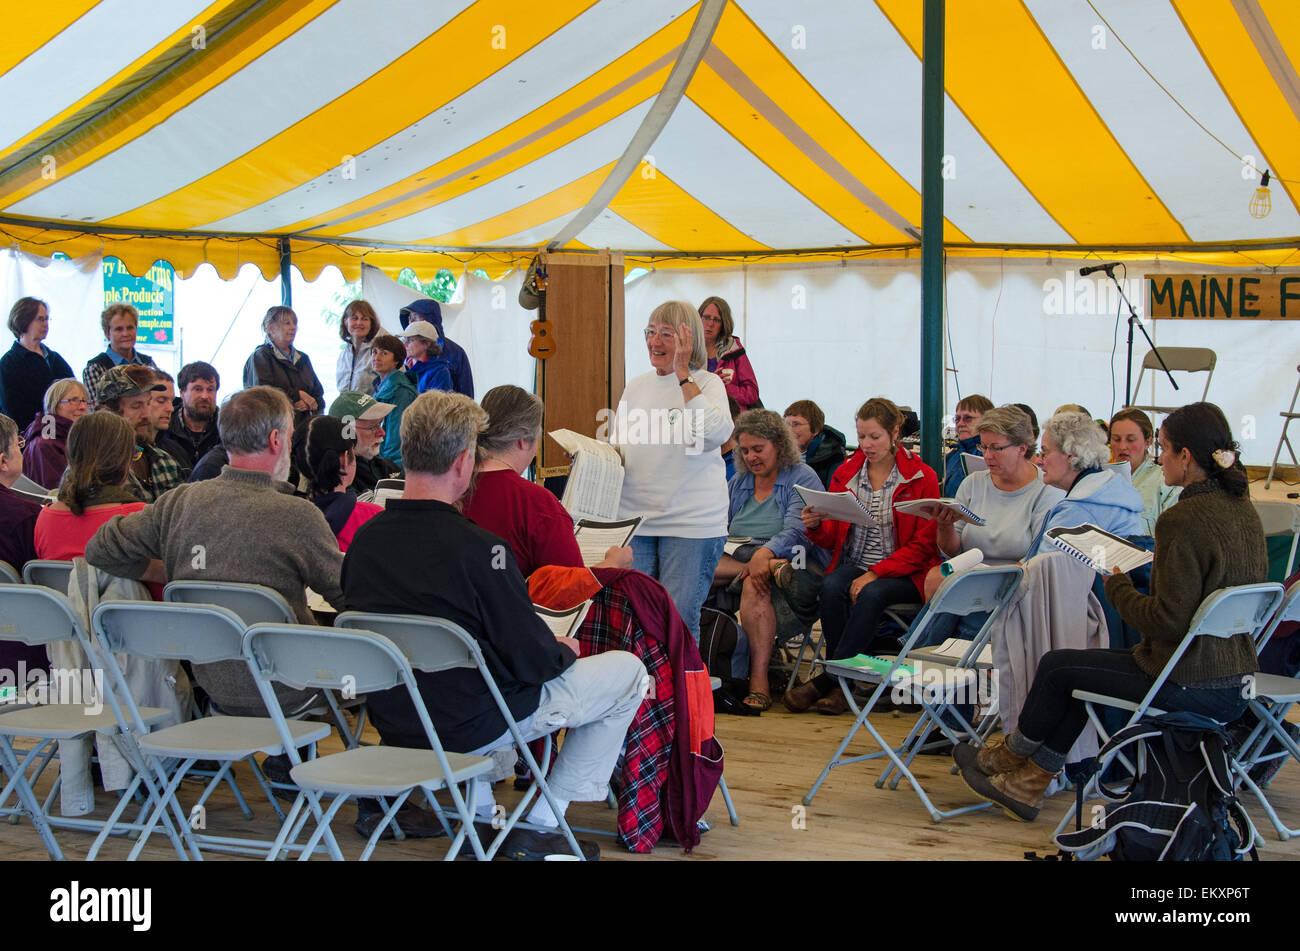 Eine Gemeinschaft Sing-a-Long auf der Common Ground Messe in Einheit, Maine. Stockbild